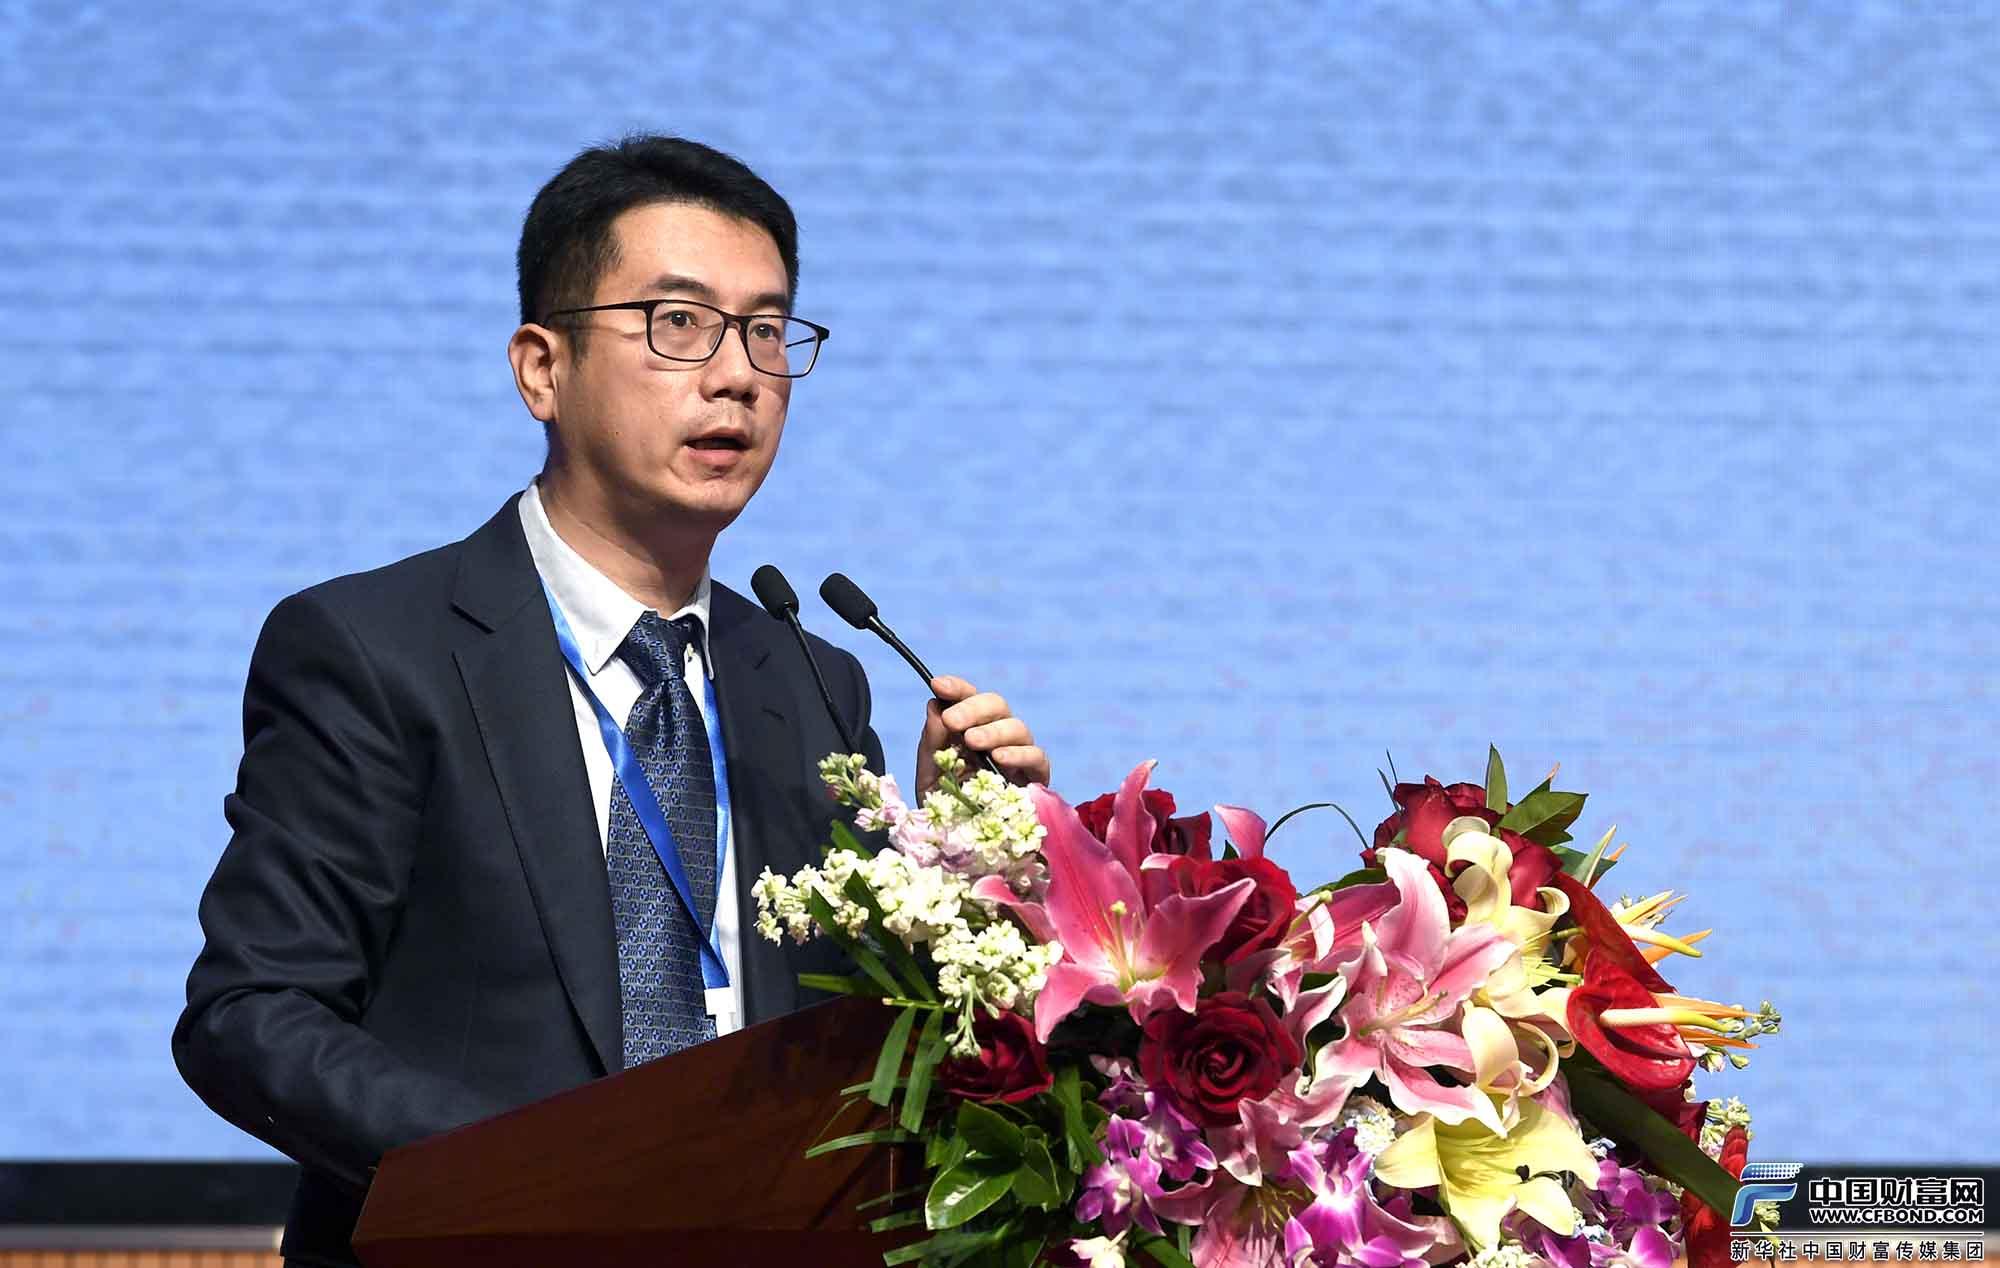 专题演讲:中投保公司执行总裁李峰